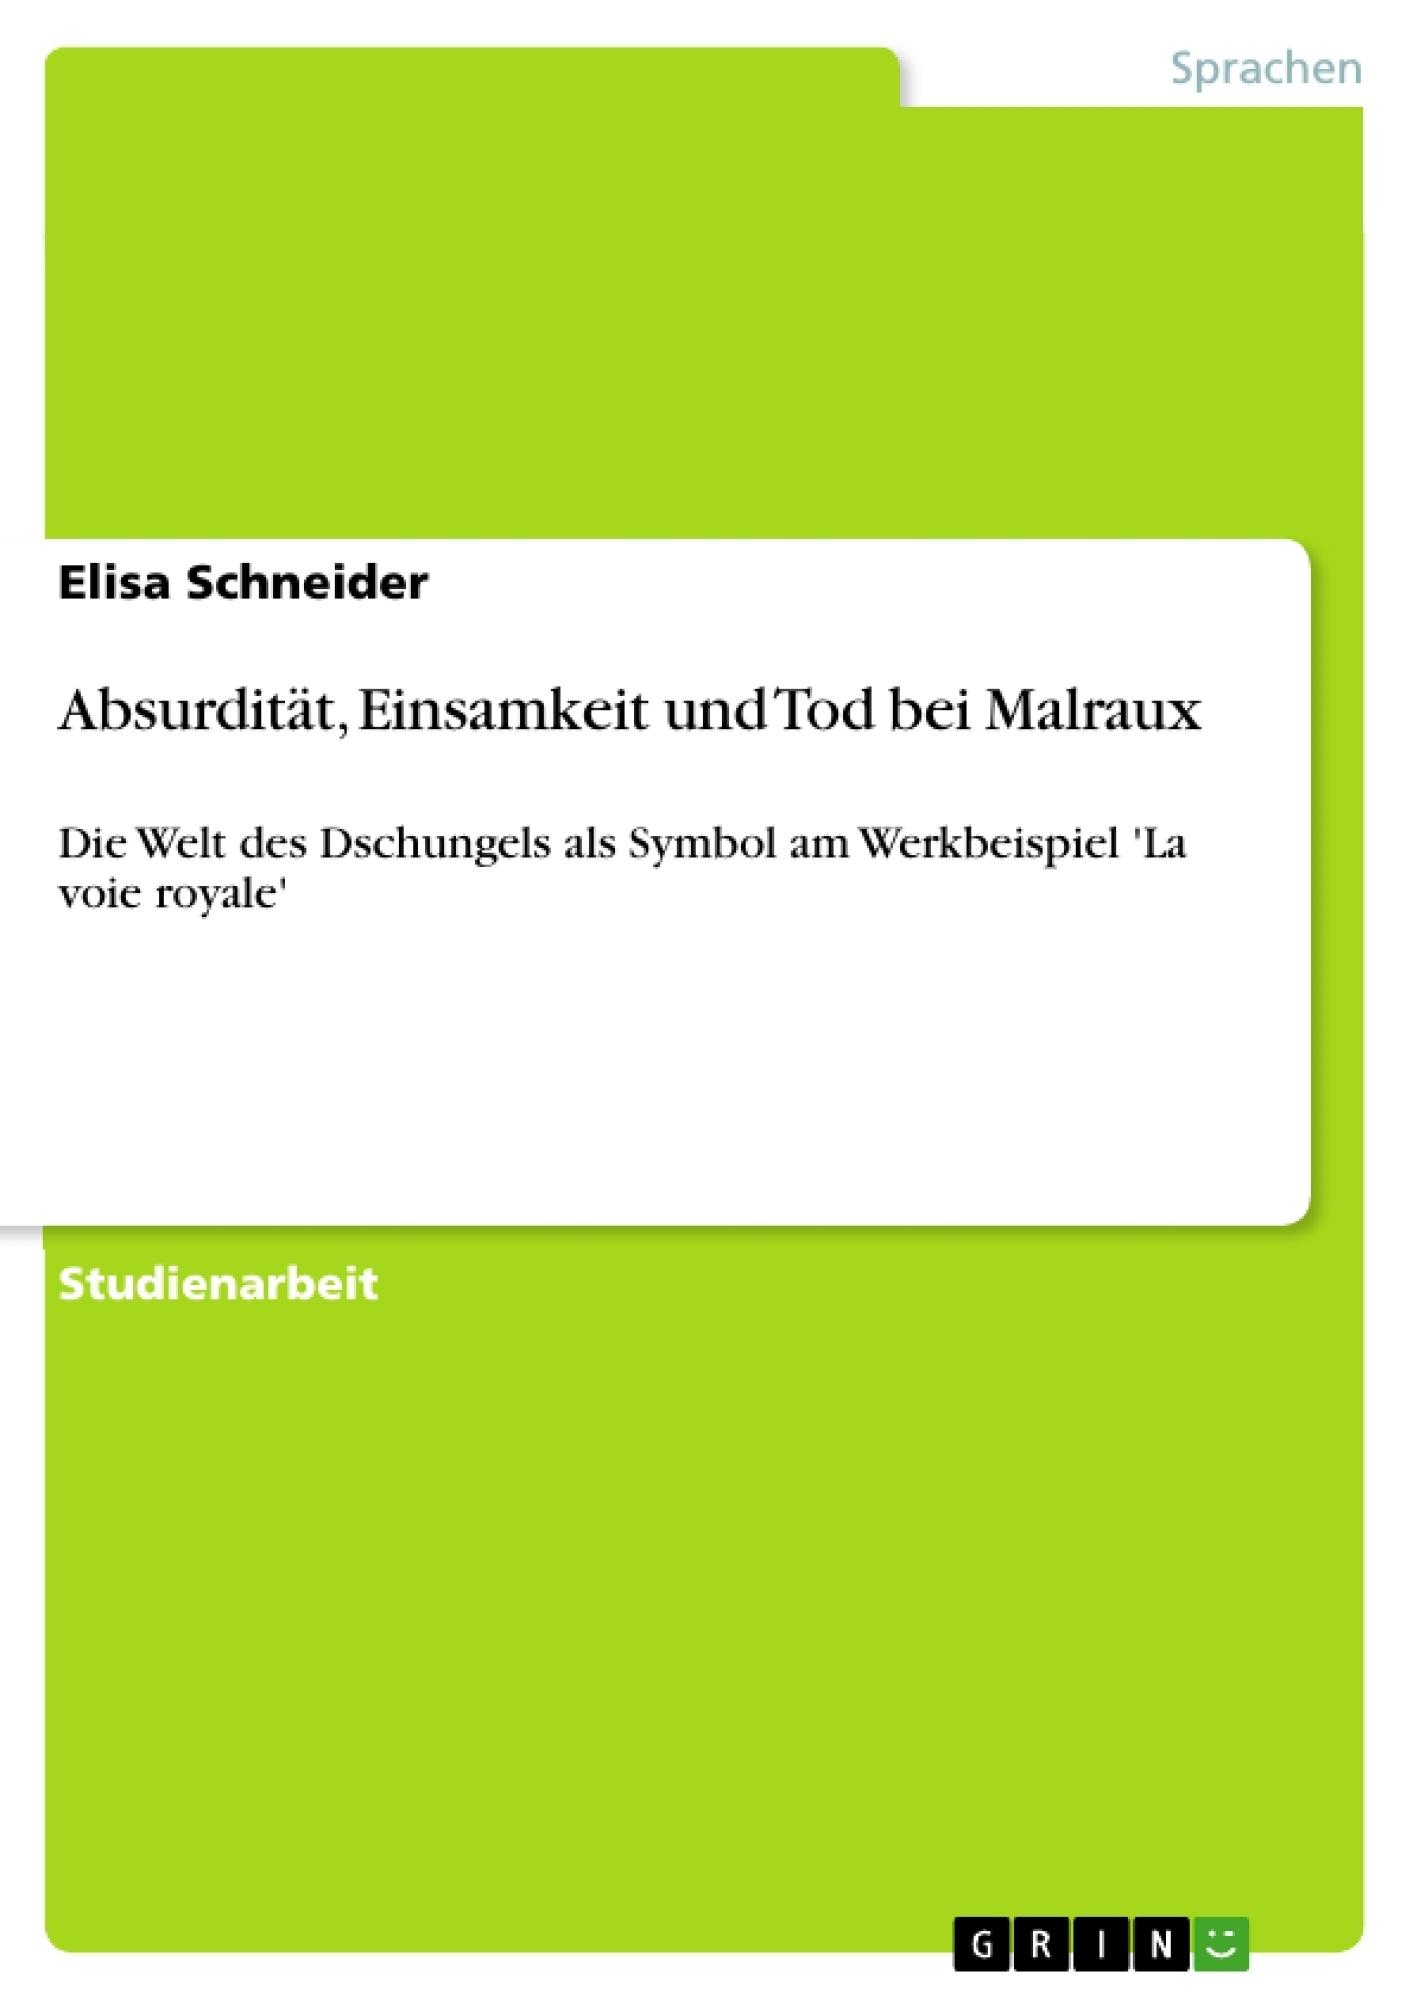 Titel: Absurdität, Einsamkeit und Tod bei Malraux